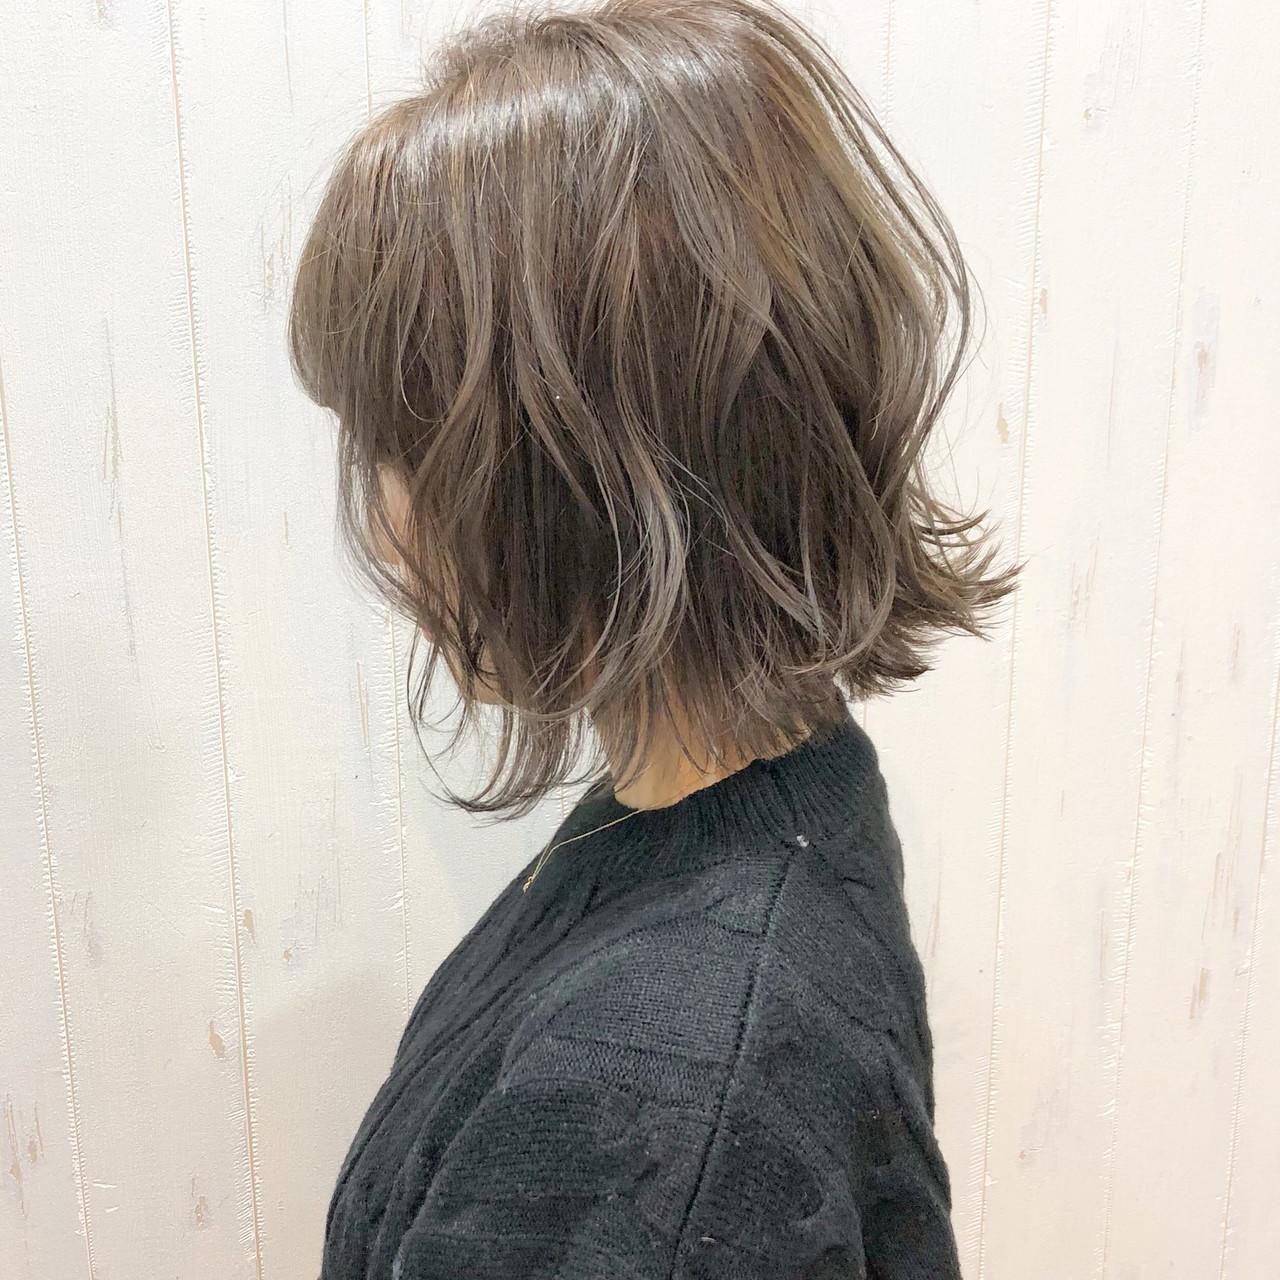 ボブ フェミニン パーマ 簡単ヘアアレンジ ヘアスタイルや髪型の写真・画像